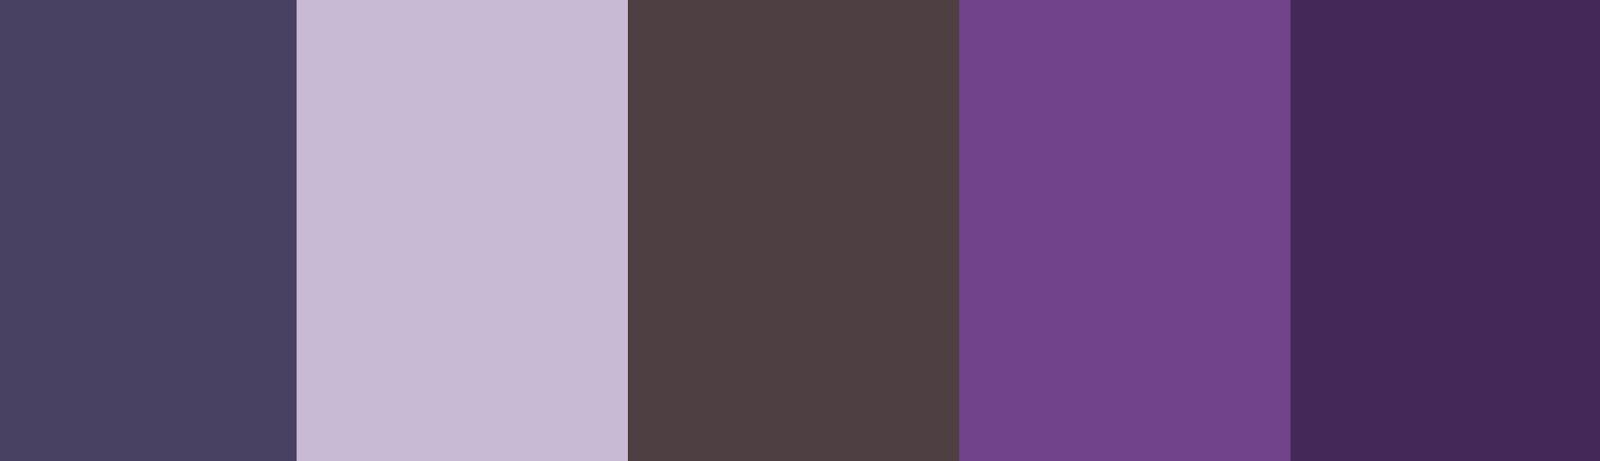 paleta de colores magentas